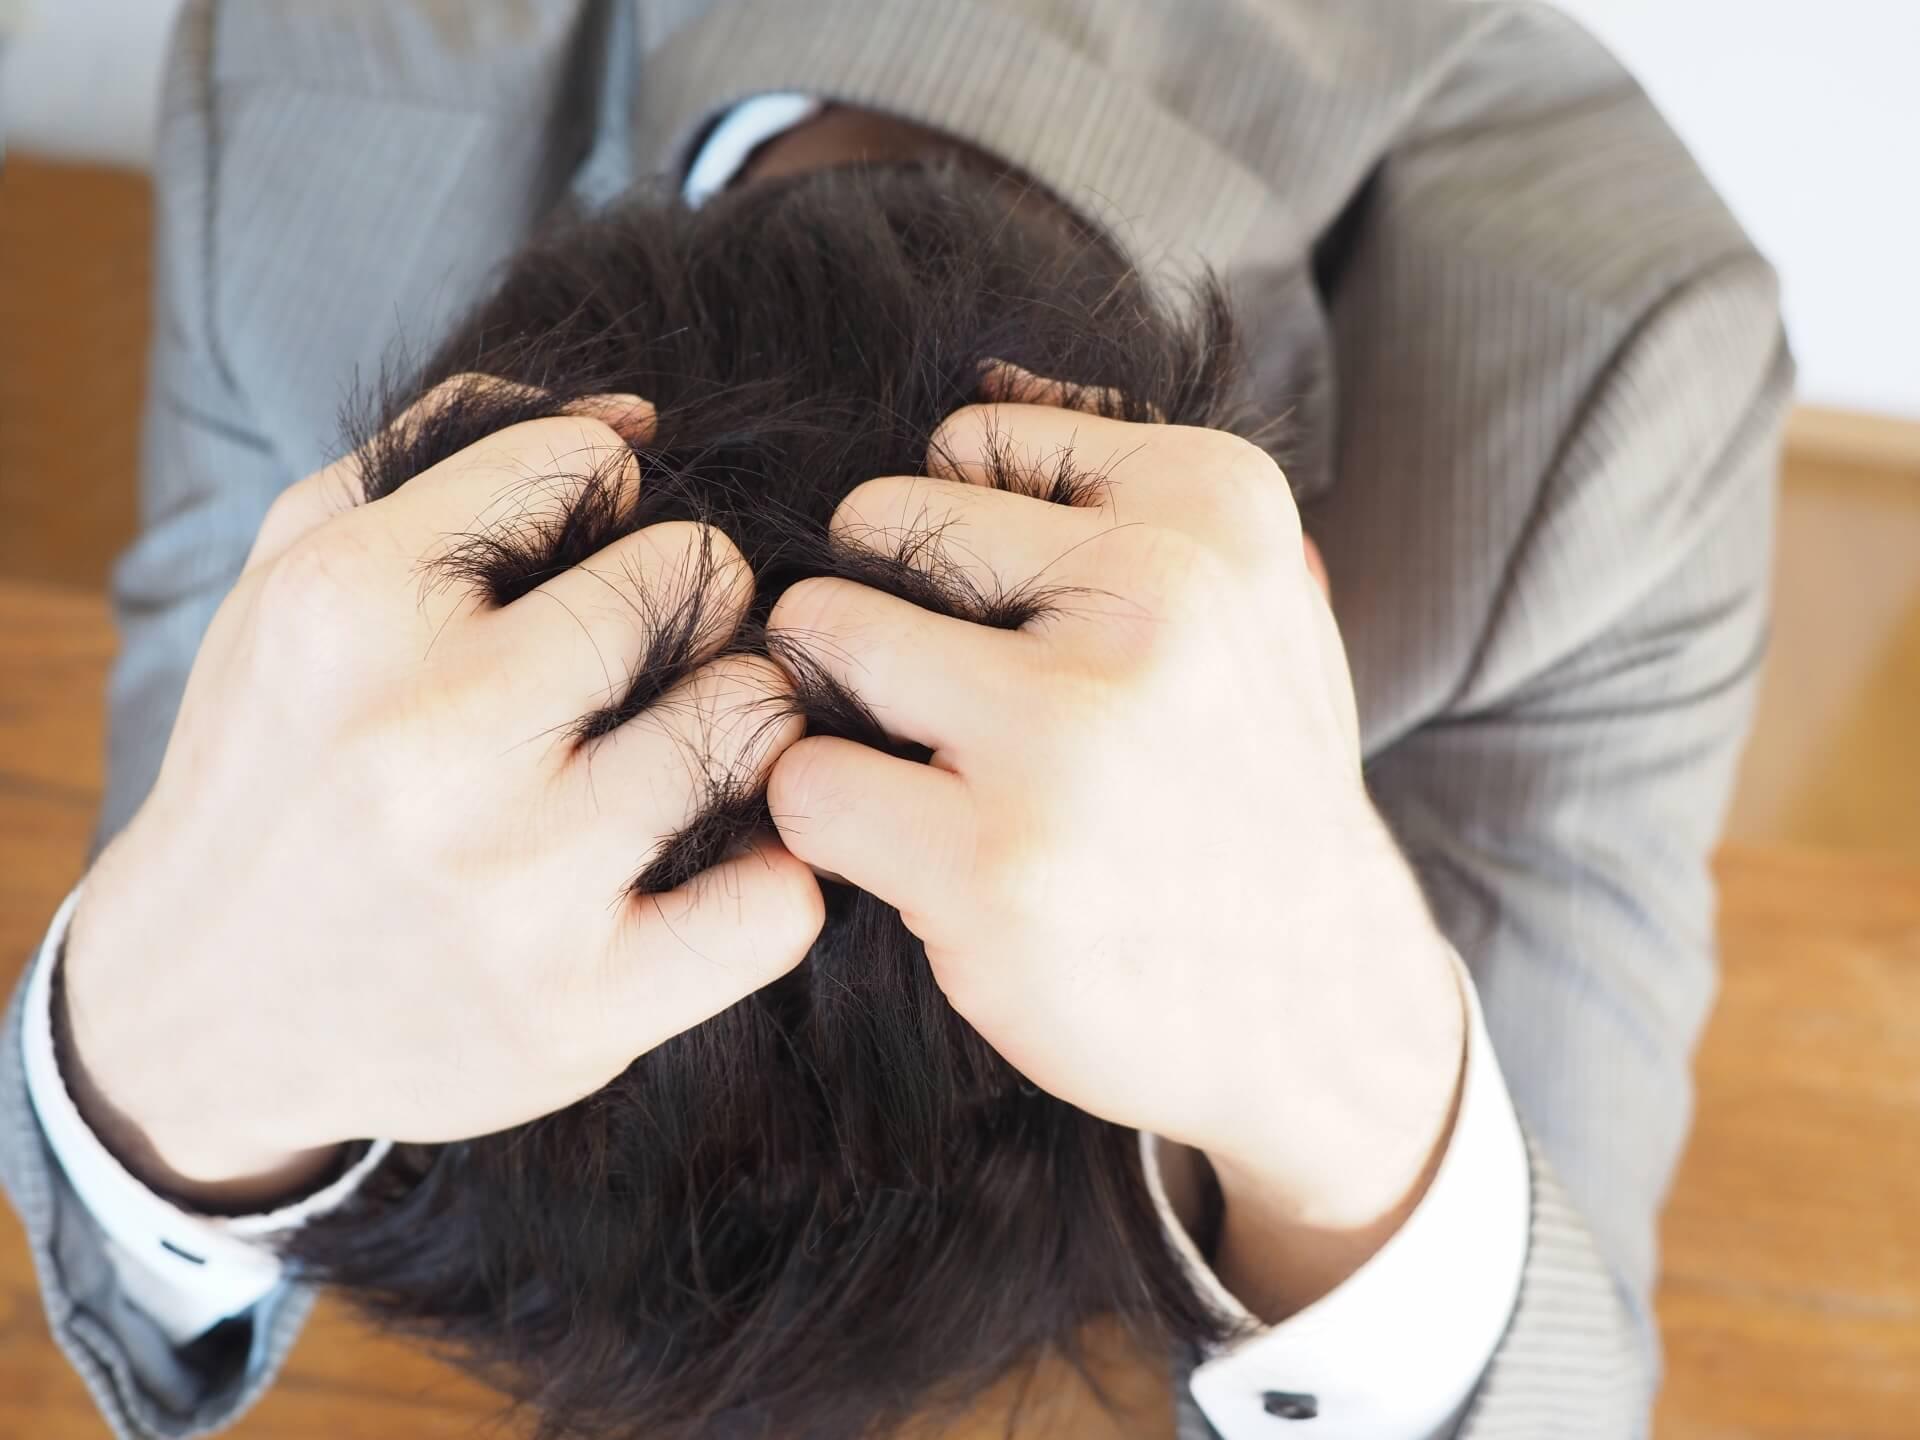 仕事で疲弊しミスをして頭を抱える男性